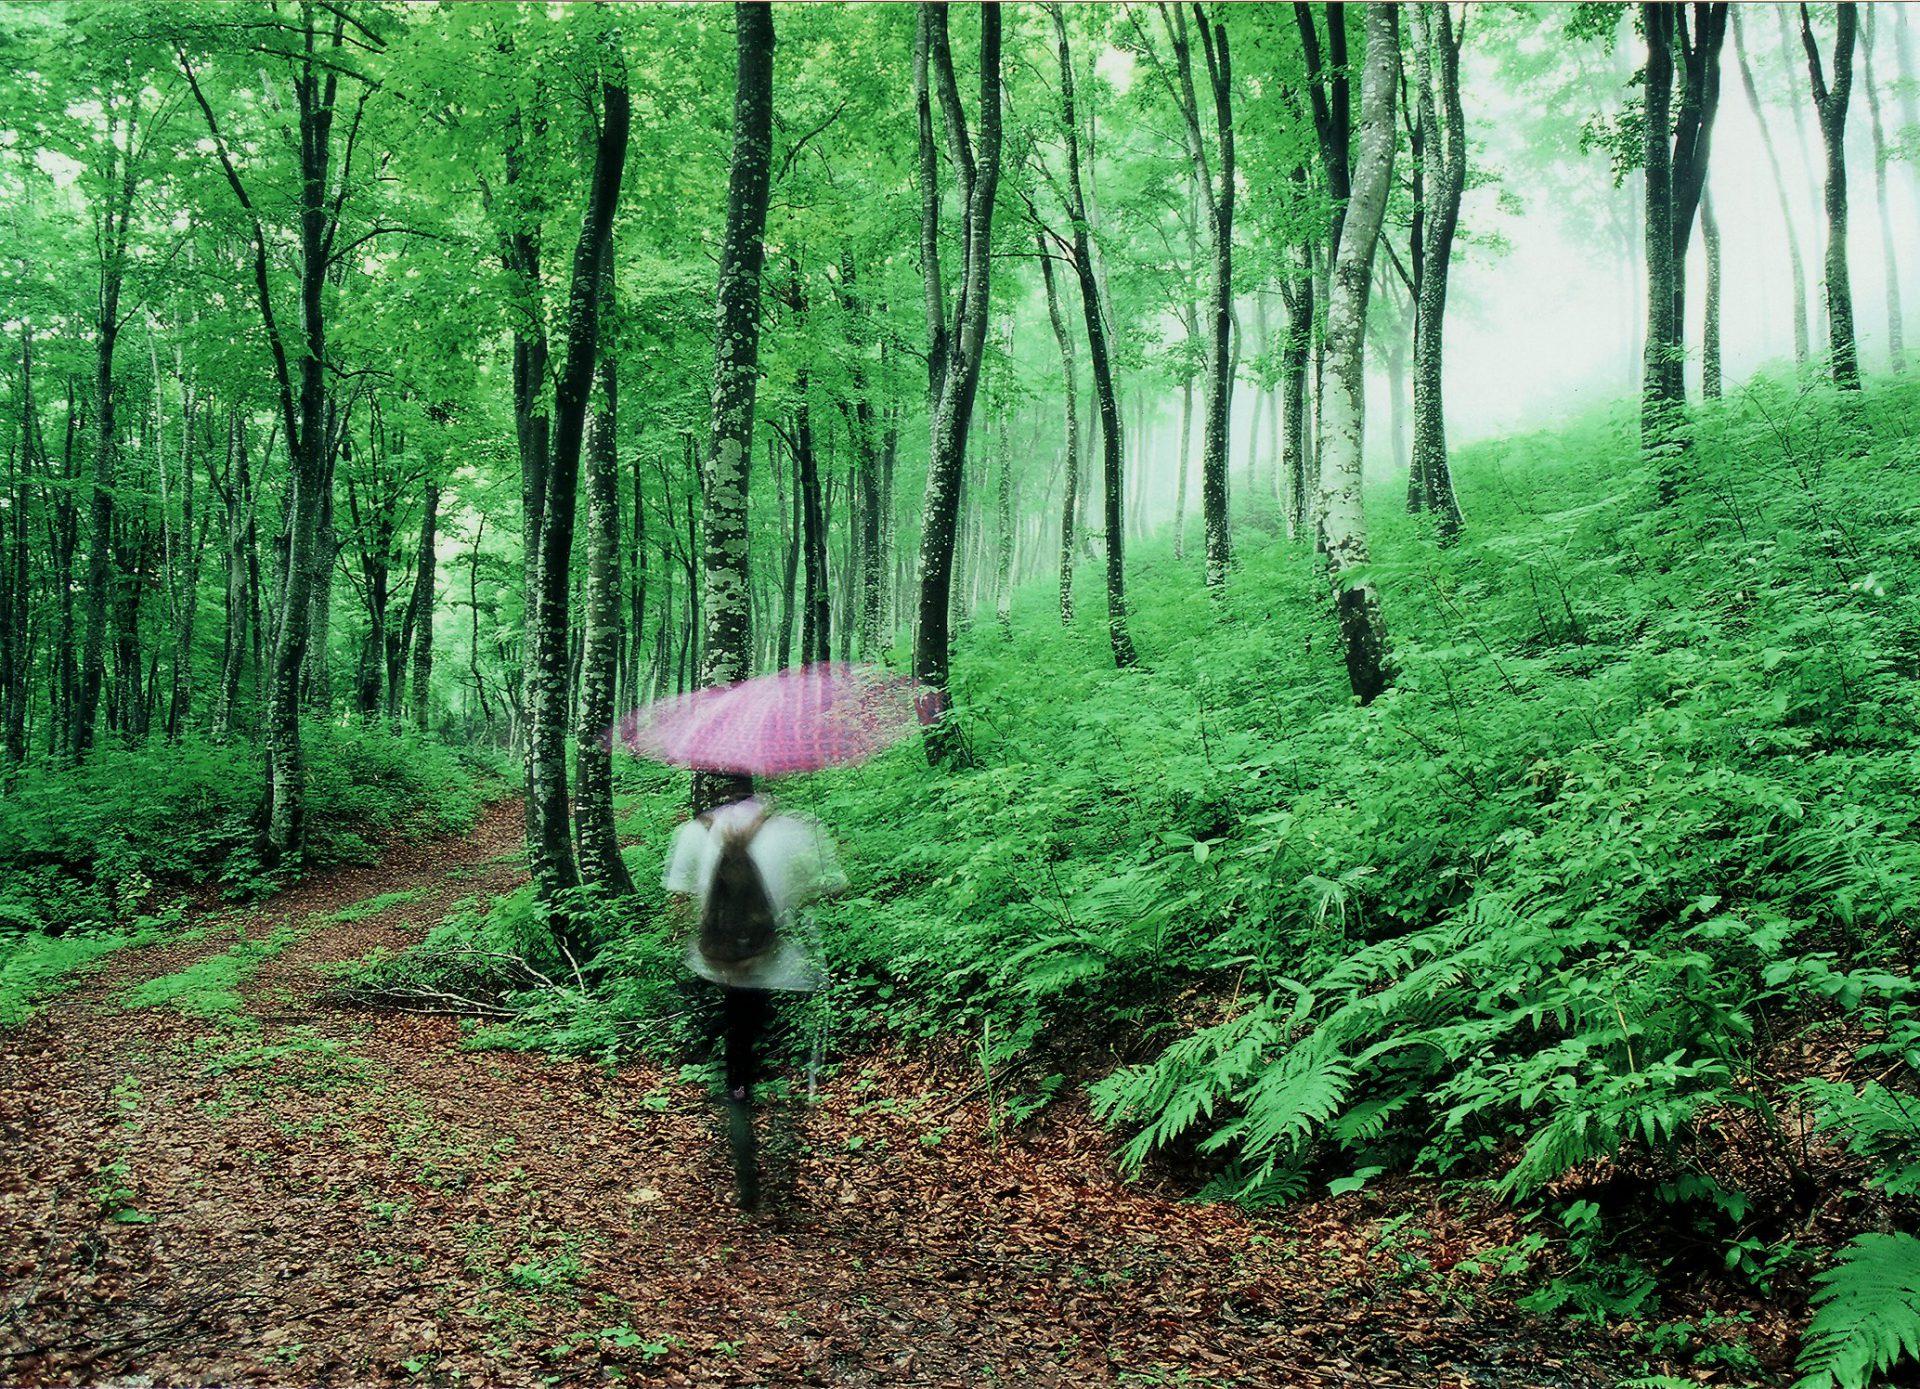 疲れた身体も心も癒やされる、神秘的な空間。この空気感を体感すれば説明の言葉はいりません。